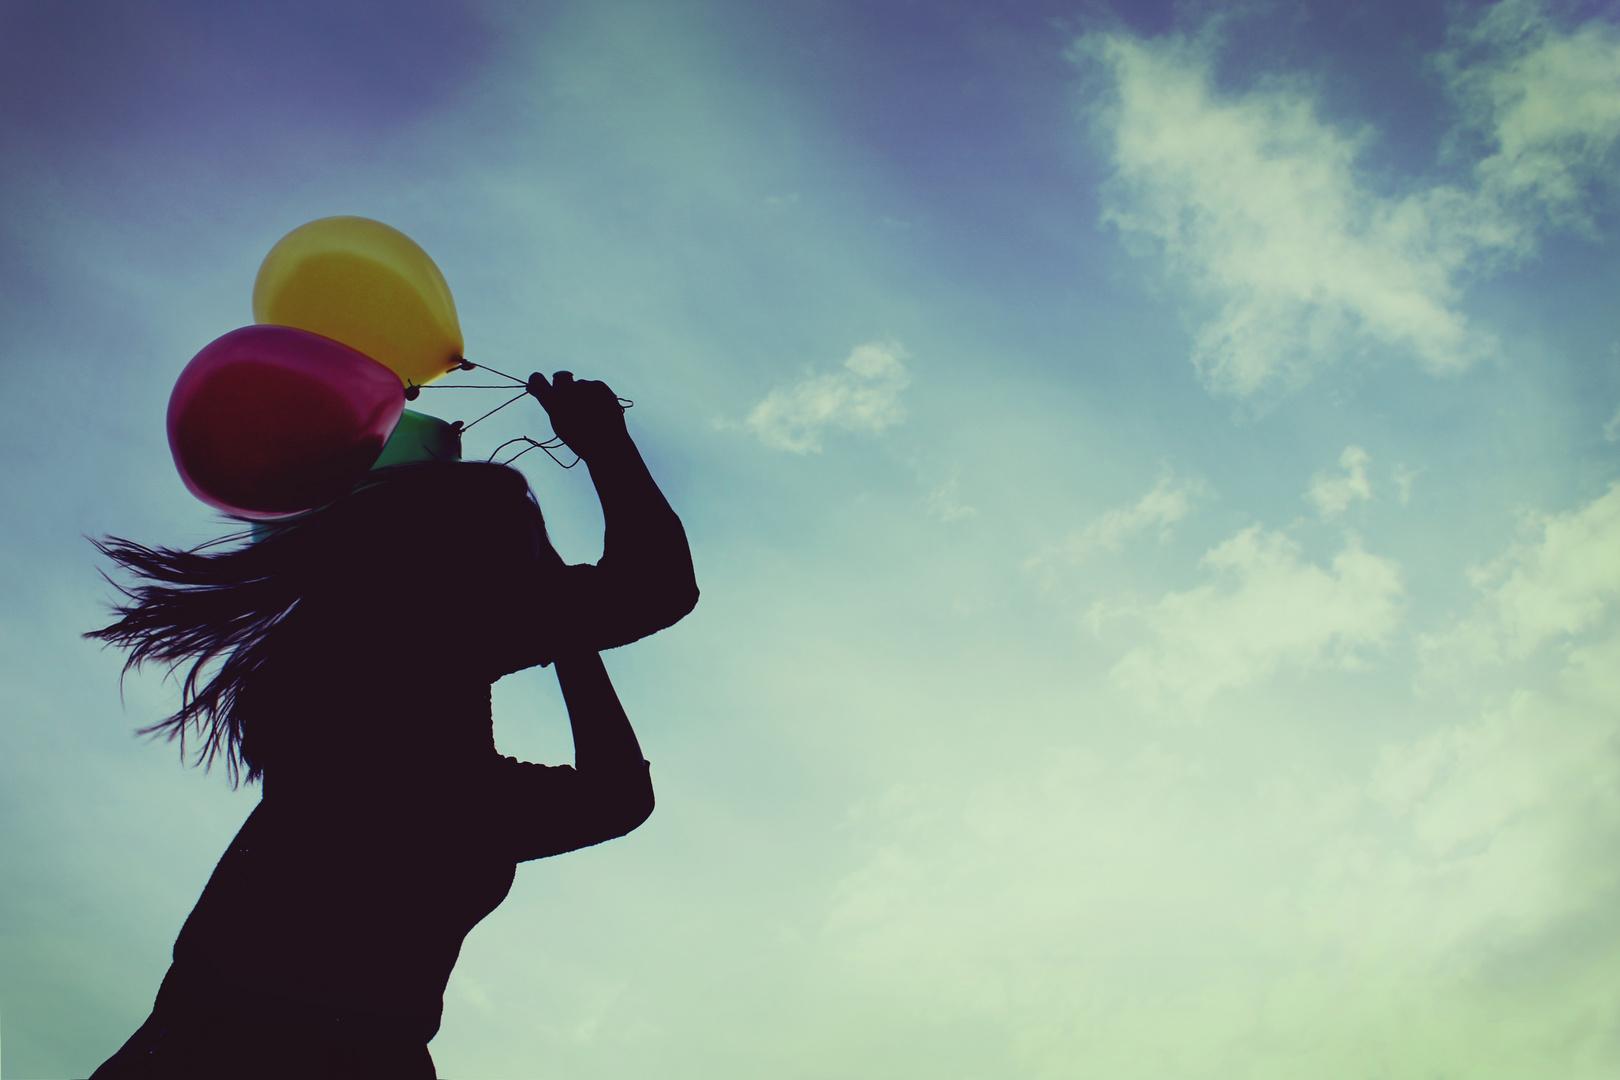 Worte sind wie Nadeln.. - gefährlich für schöne bunte Luftballons.